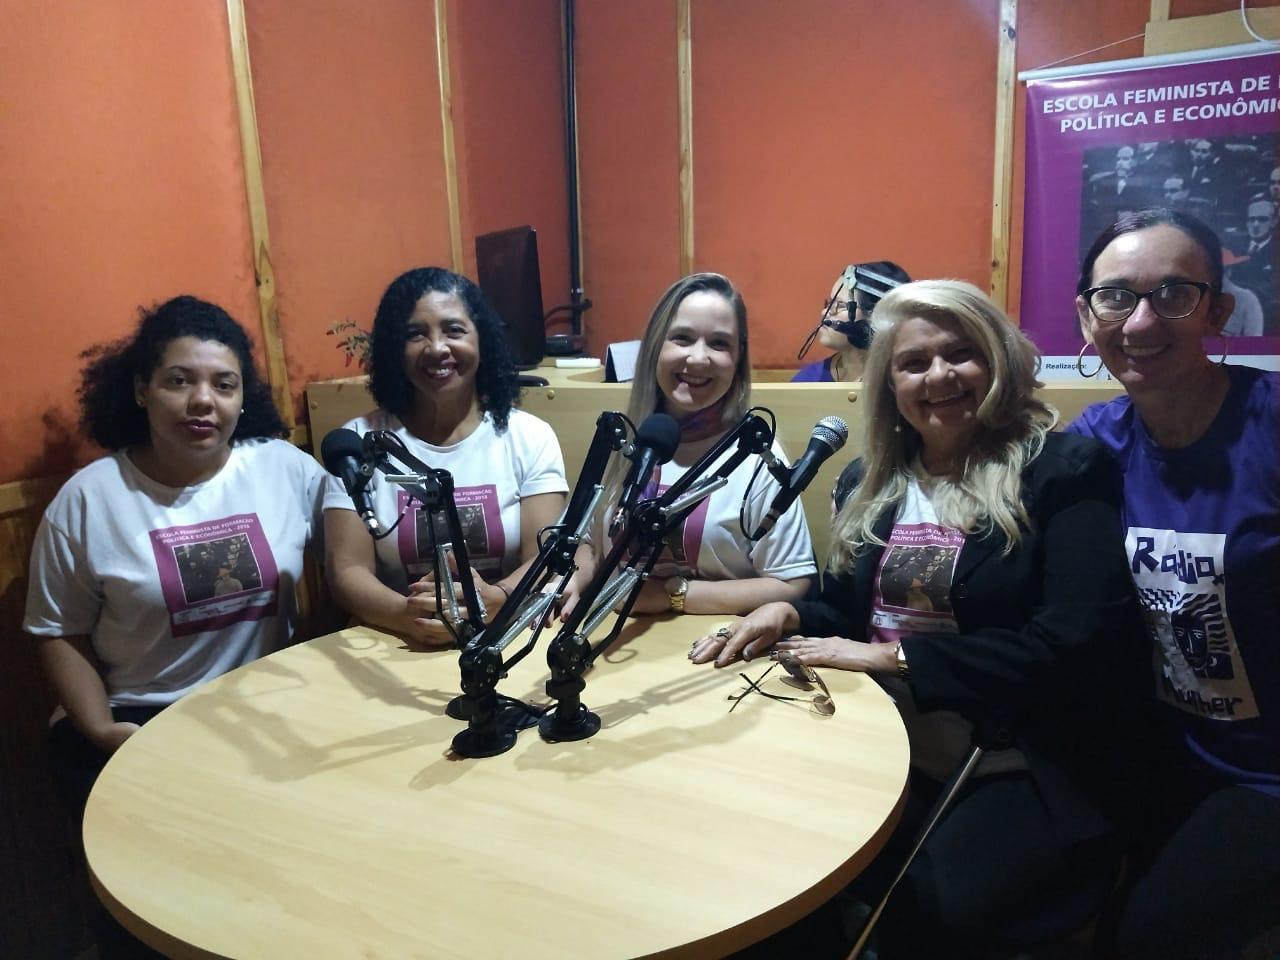 Alunas da Escola Feminista participam de programa de rádio. Foto: Divulgação